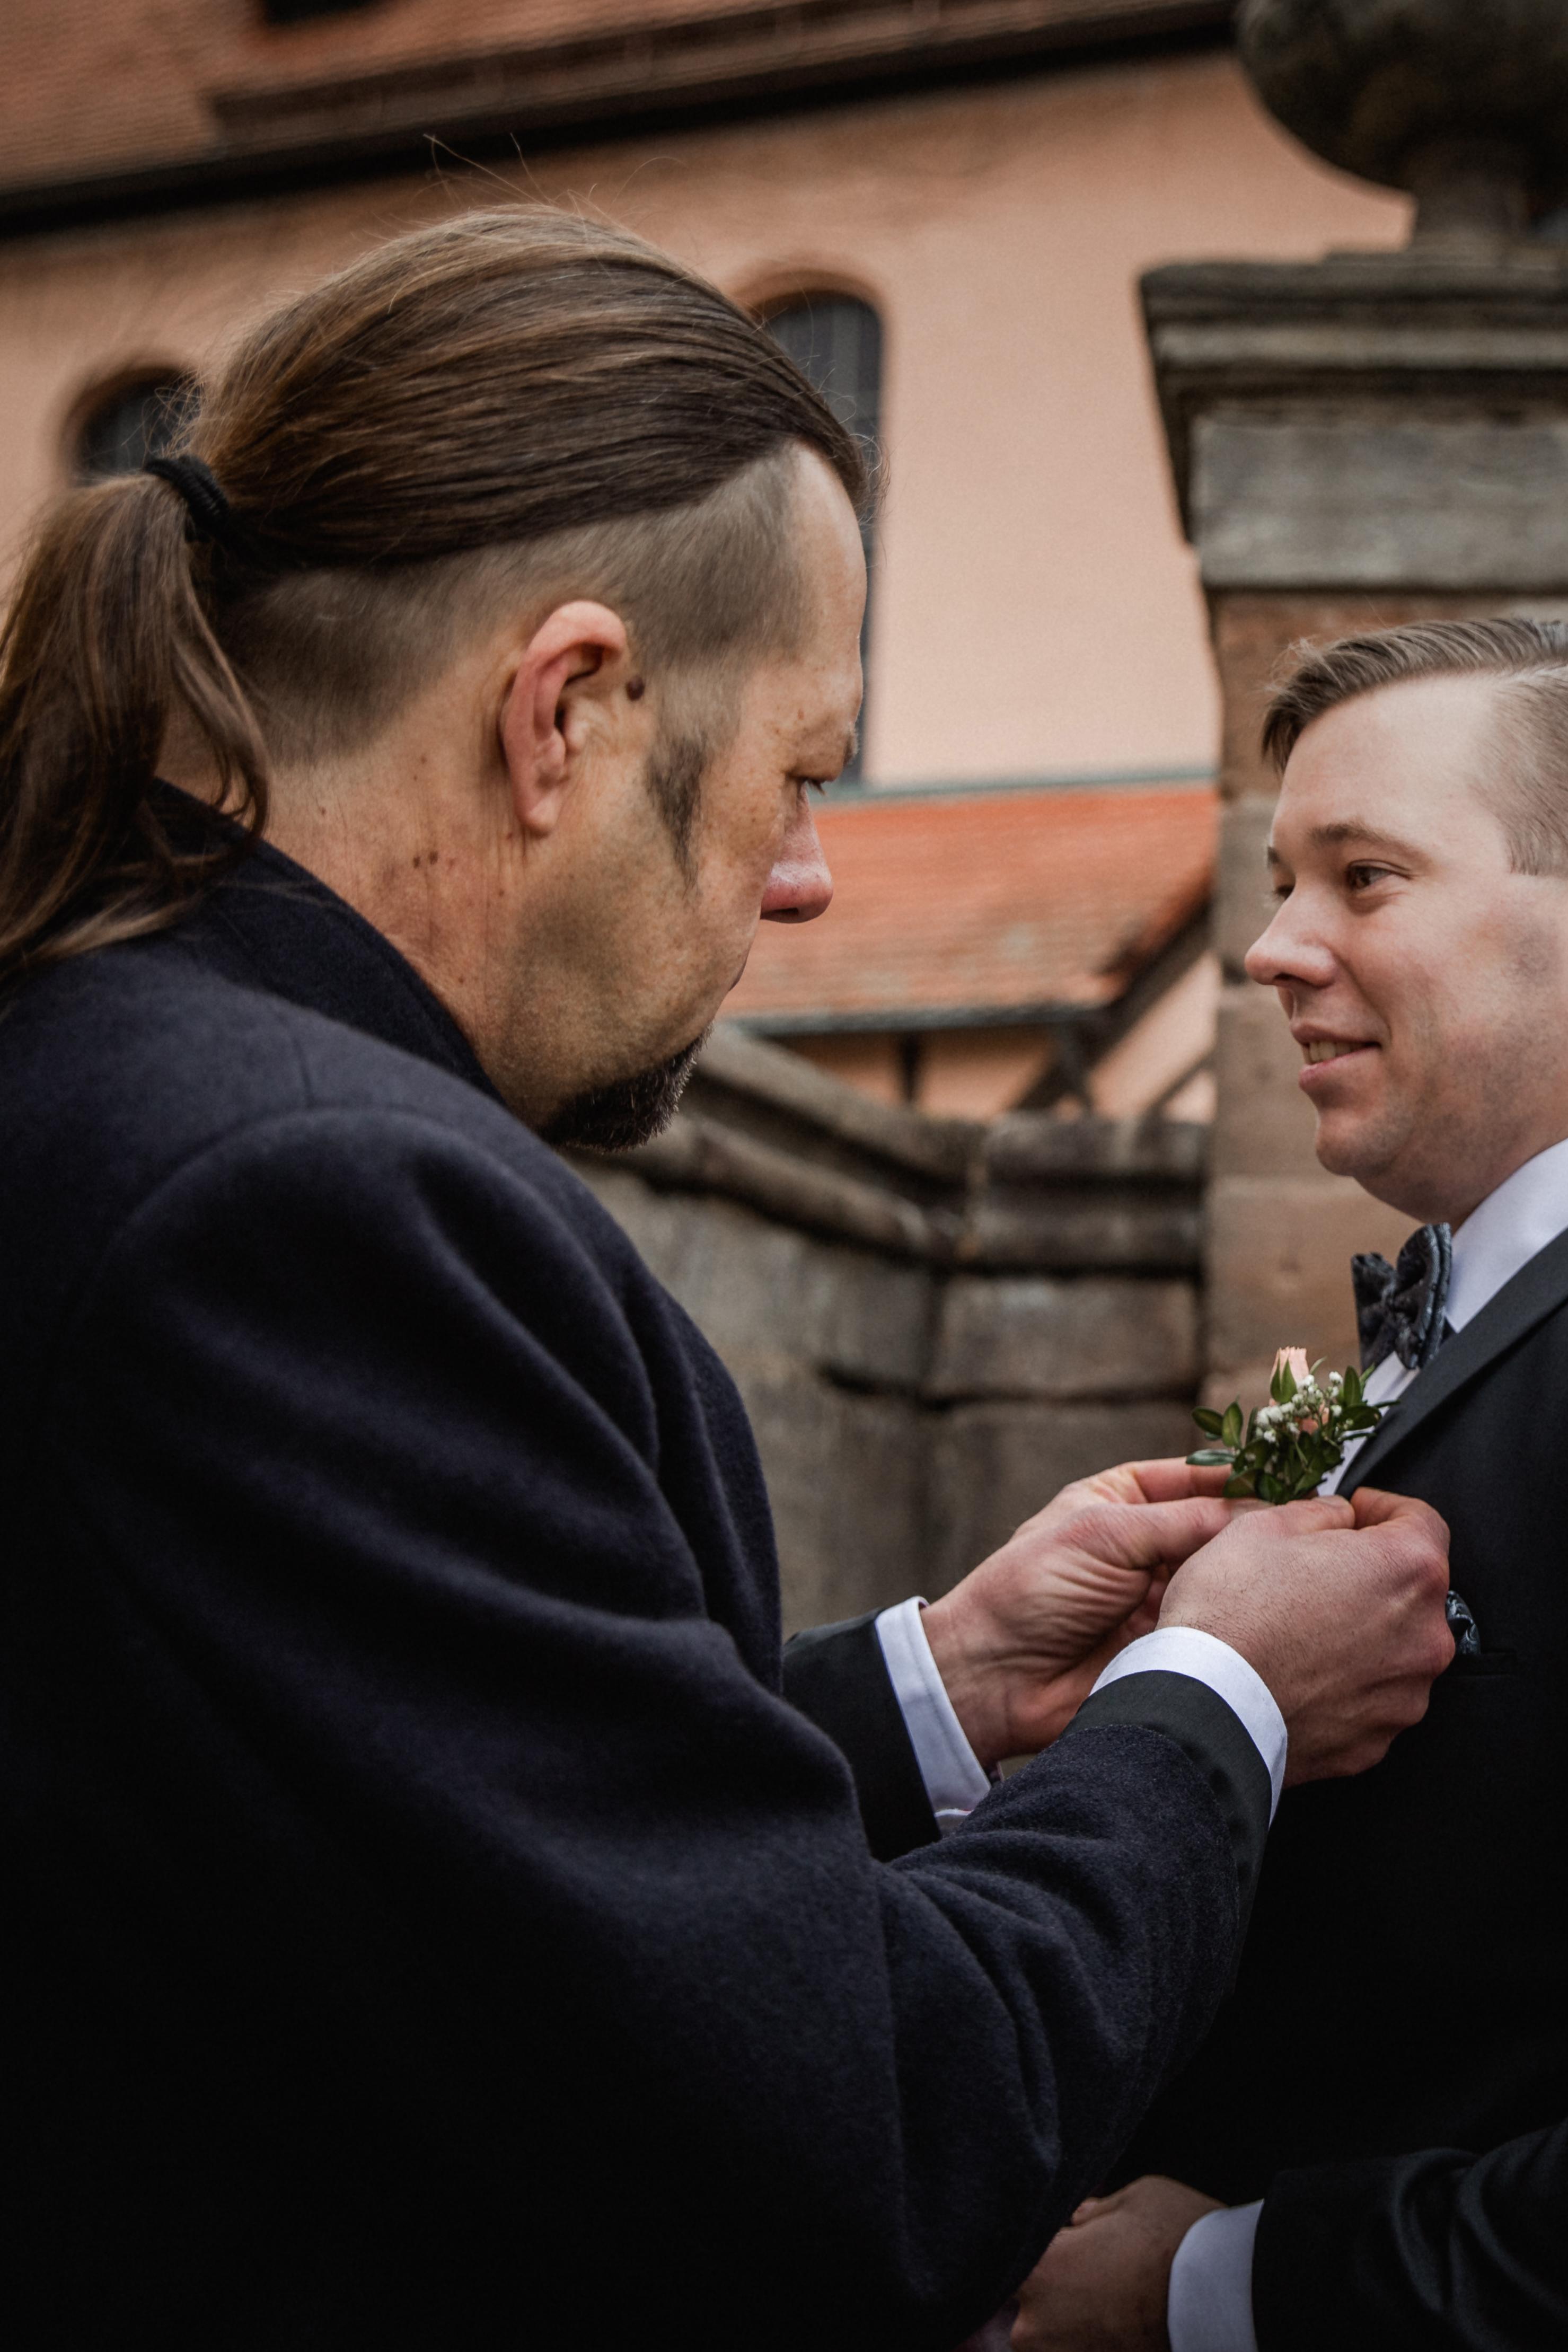 Hochzeitsfotograf-Grossgruendlach-Standesamt-Hallerschloss-Urbanerie-Stazija-und-Michael-007